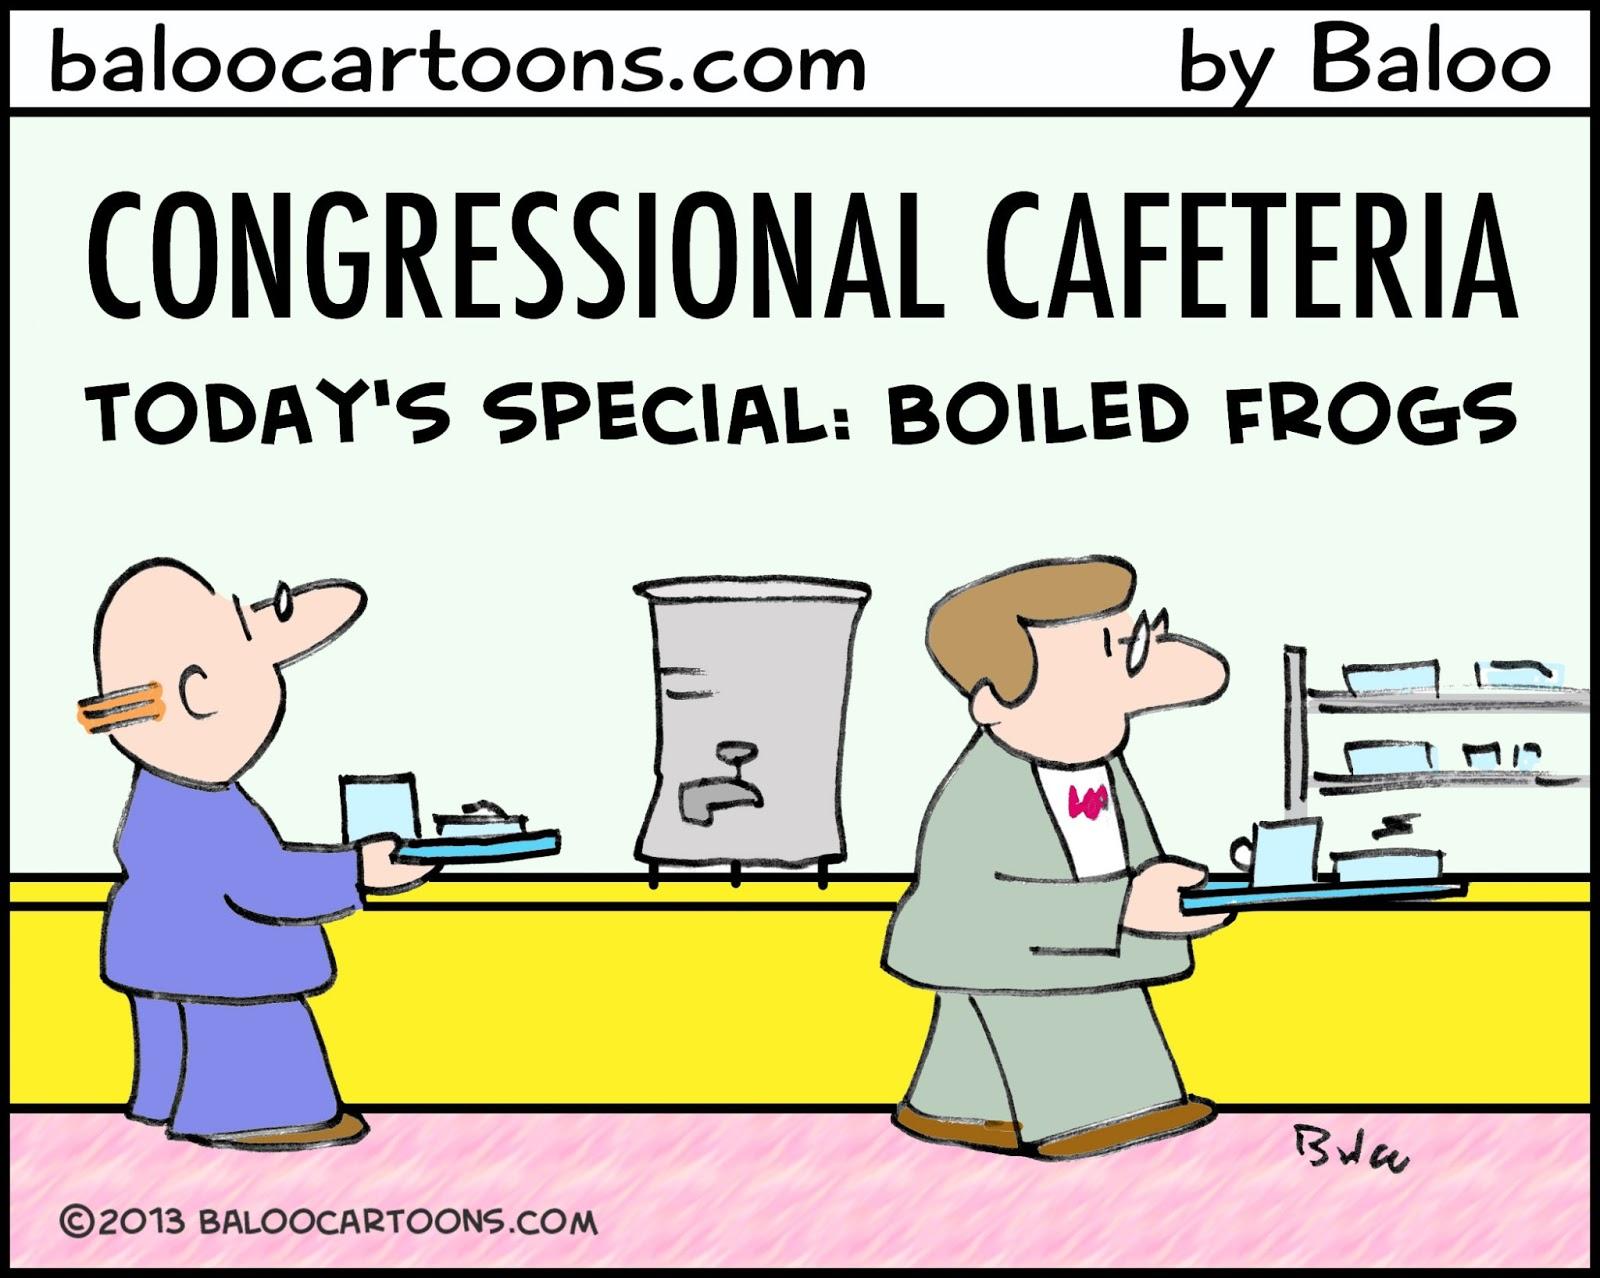 home images congressional cafeteria cartoon congressional cafeteria ...